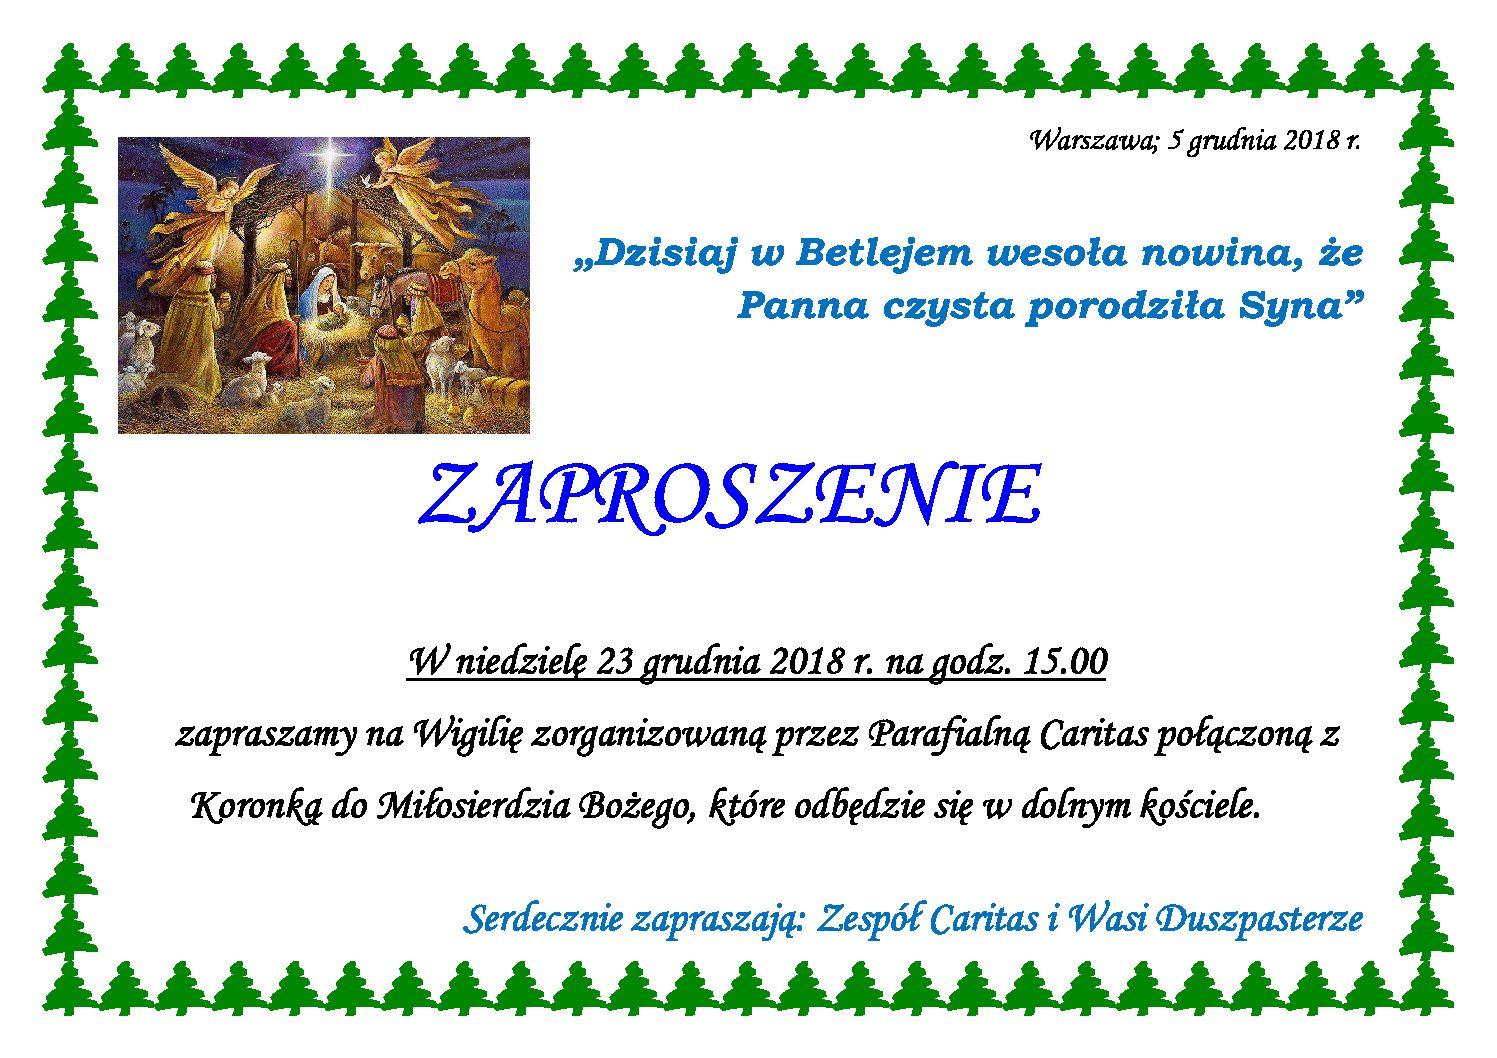 Zaproszenie Sanktuarium Matki Bożej Fatimskiej W Warszawie